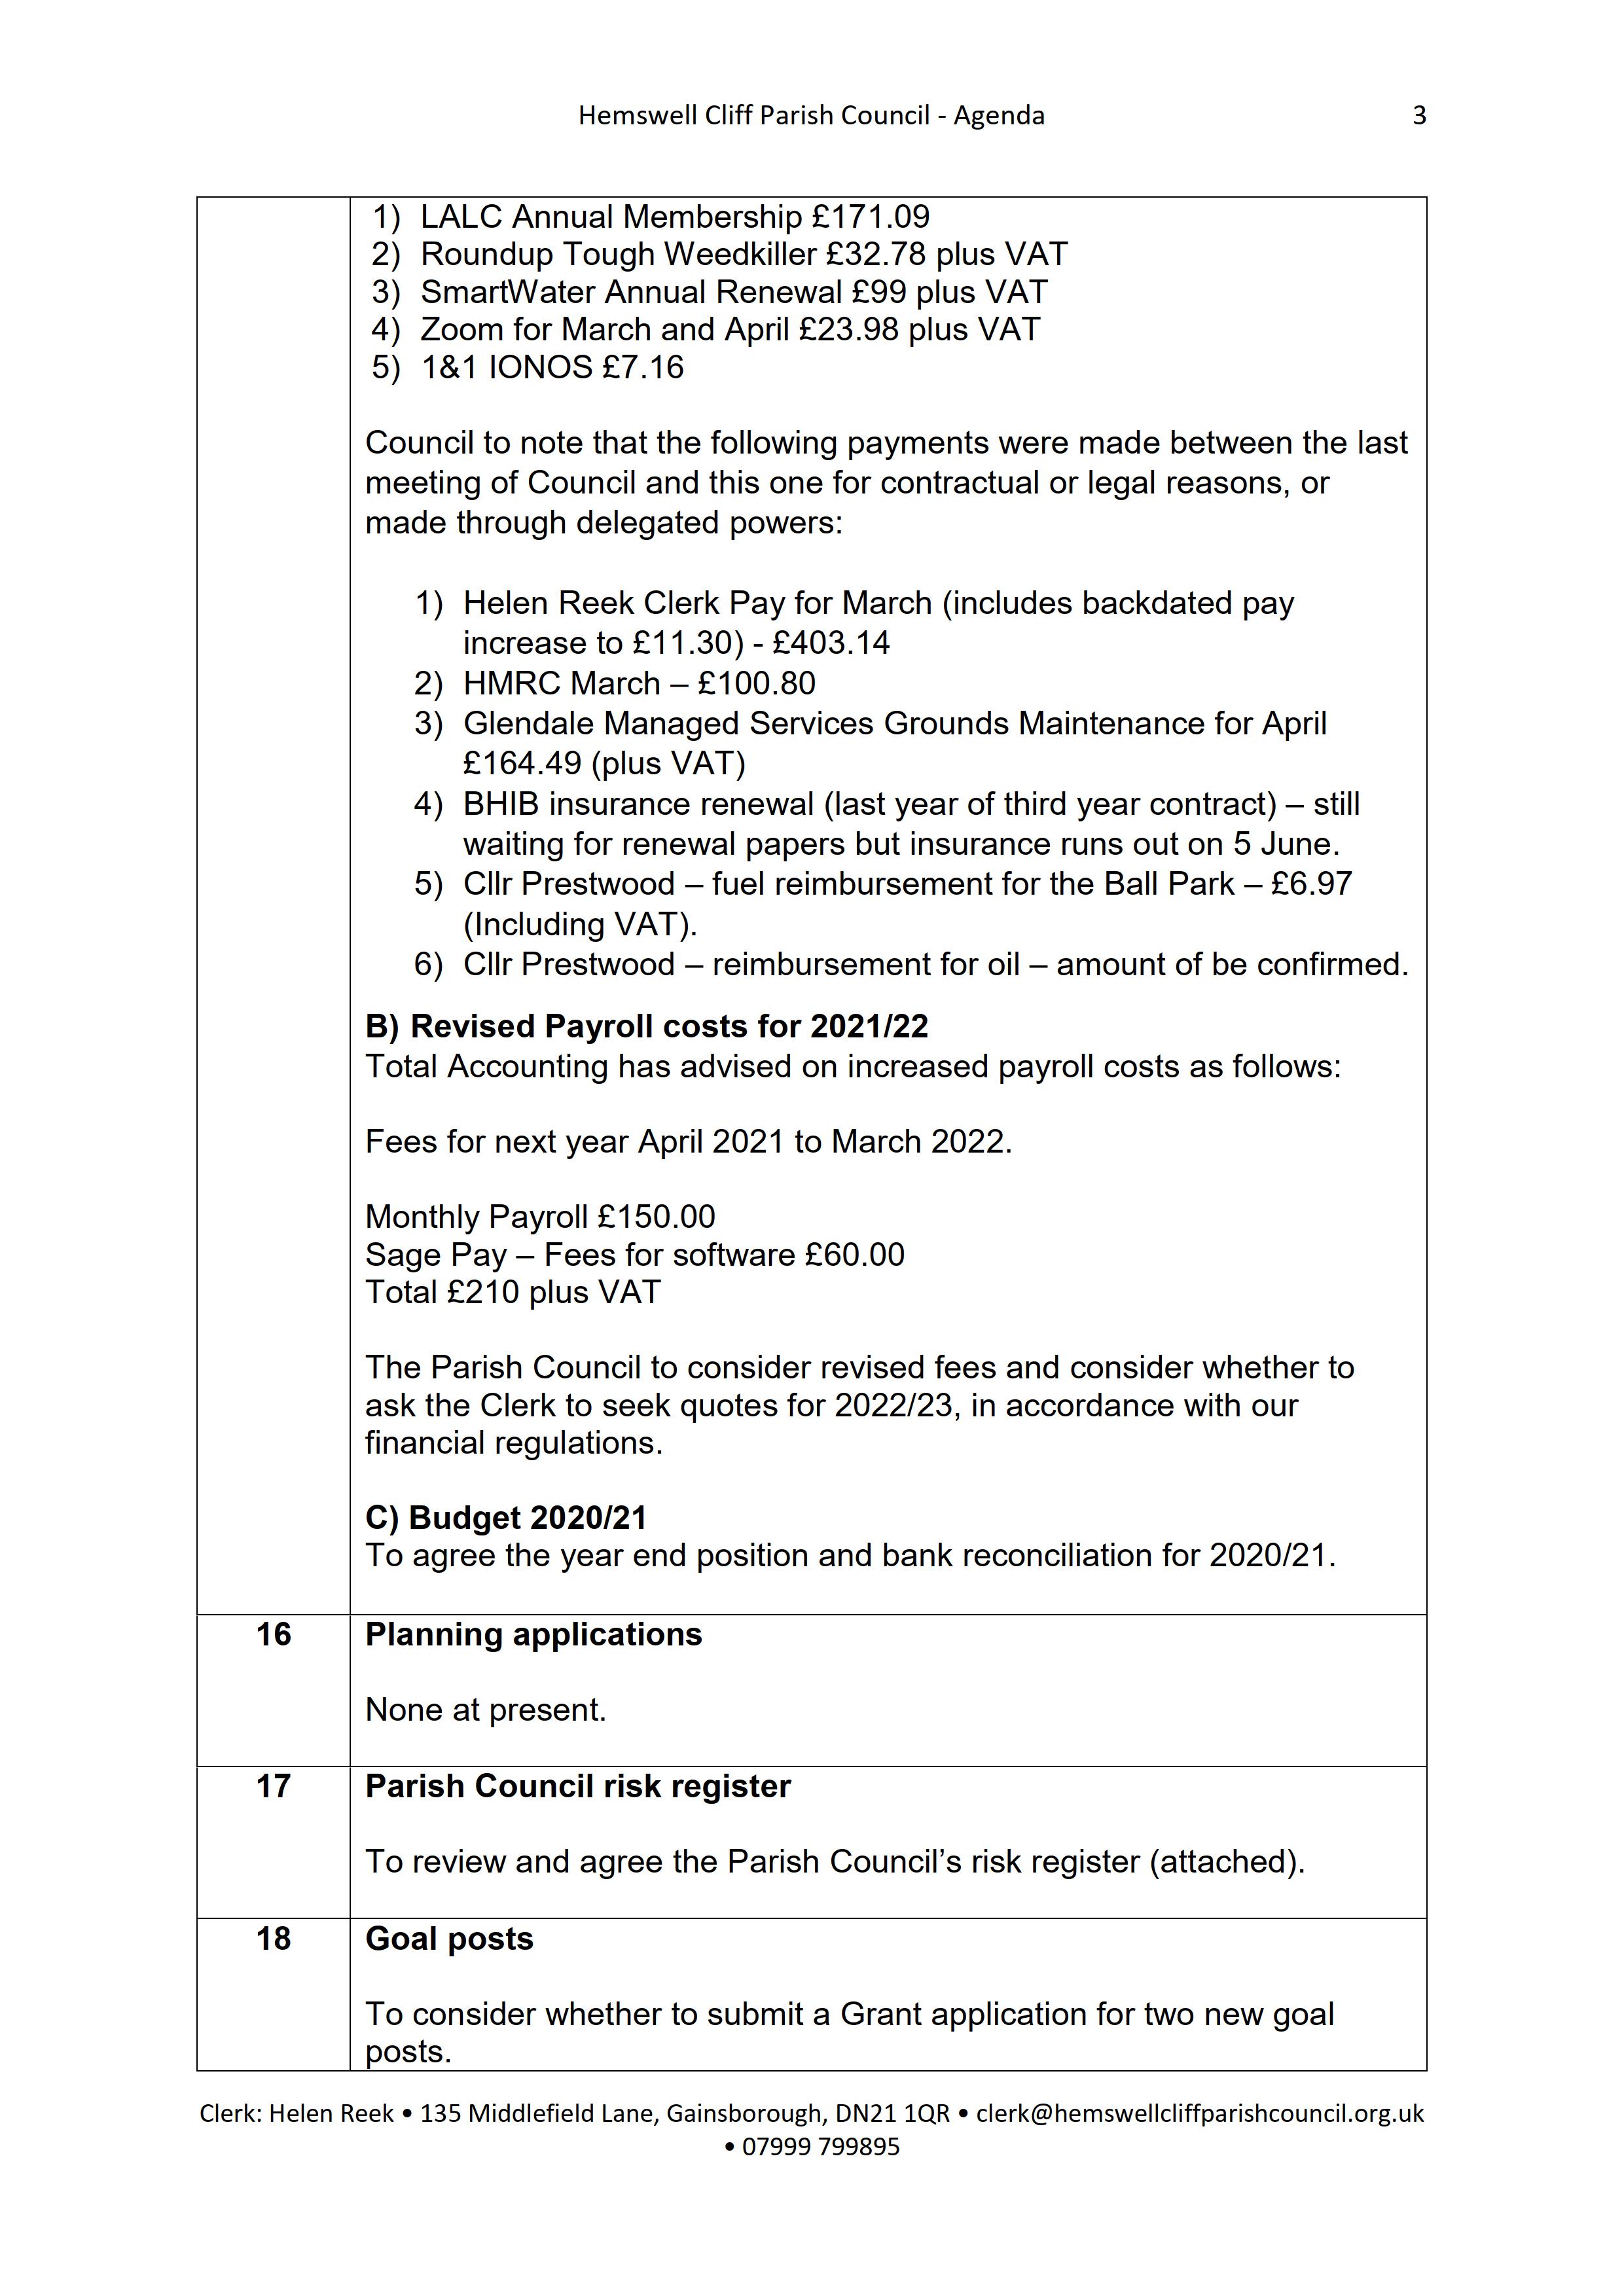 HCPC_Agenda_19.04.21_3.png